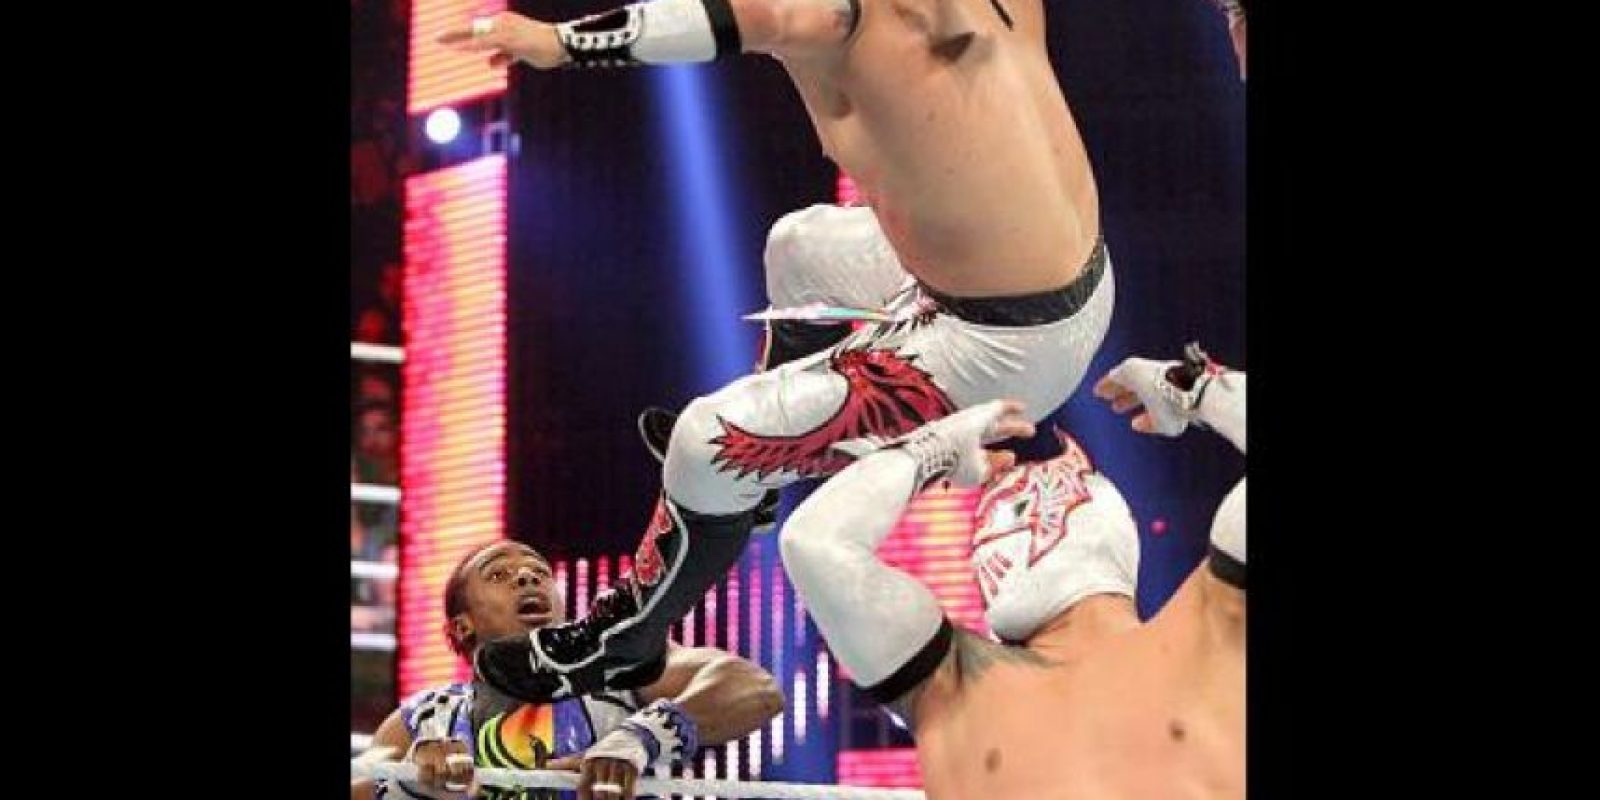 Los Lucha Dragons (Sin Cara y Kalisto) también estarán en la pelea Foto:WWE